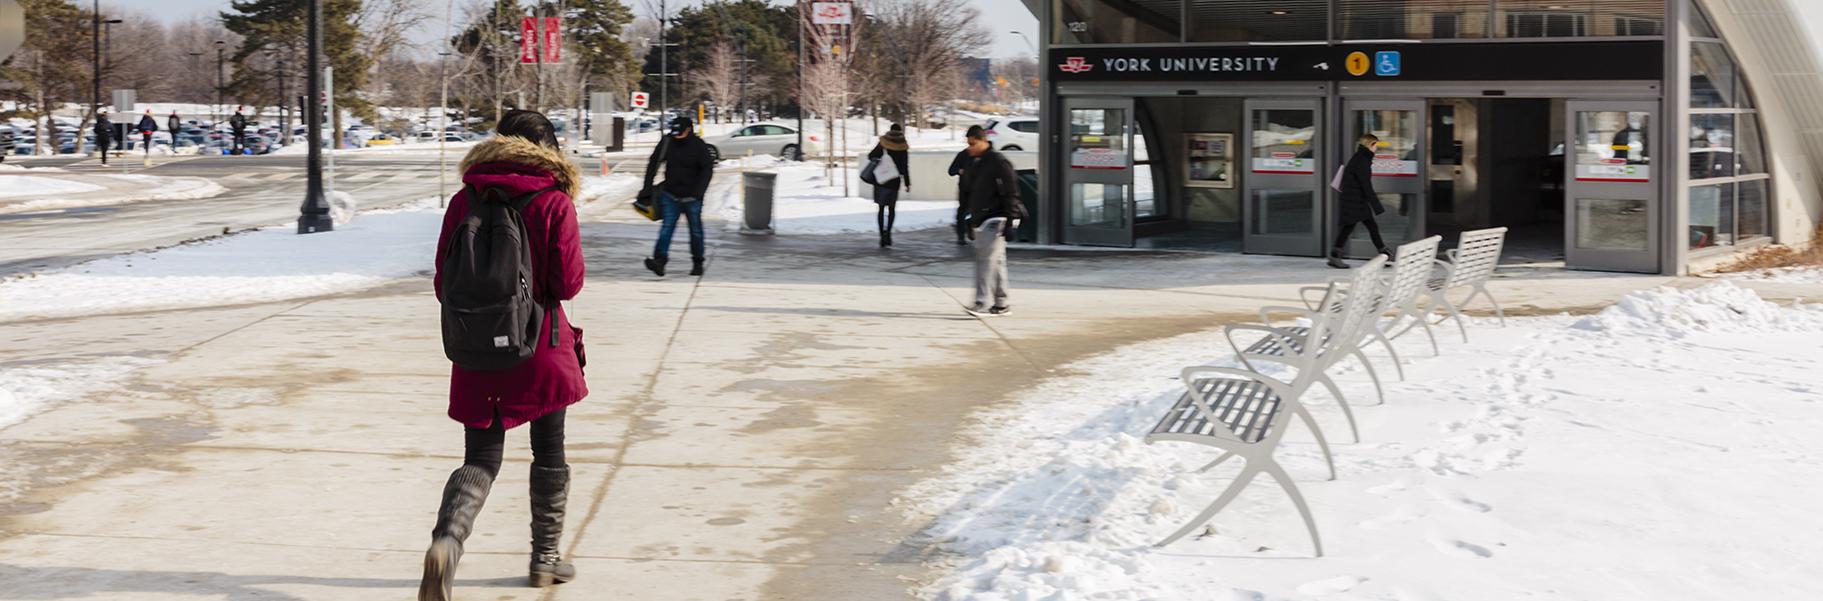 Students walking outside of York University subway station